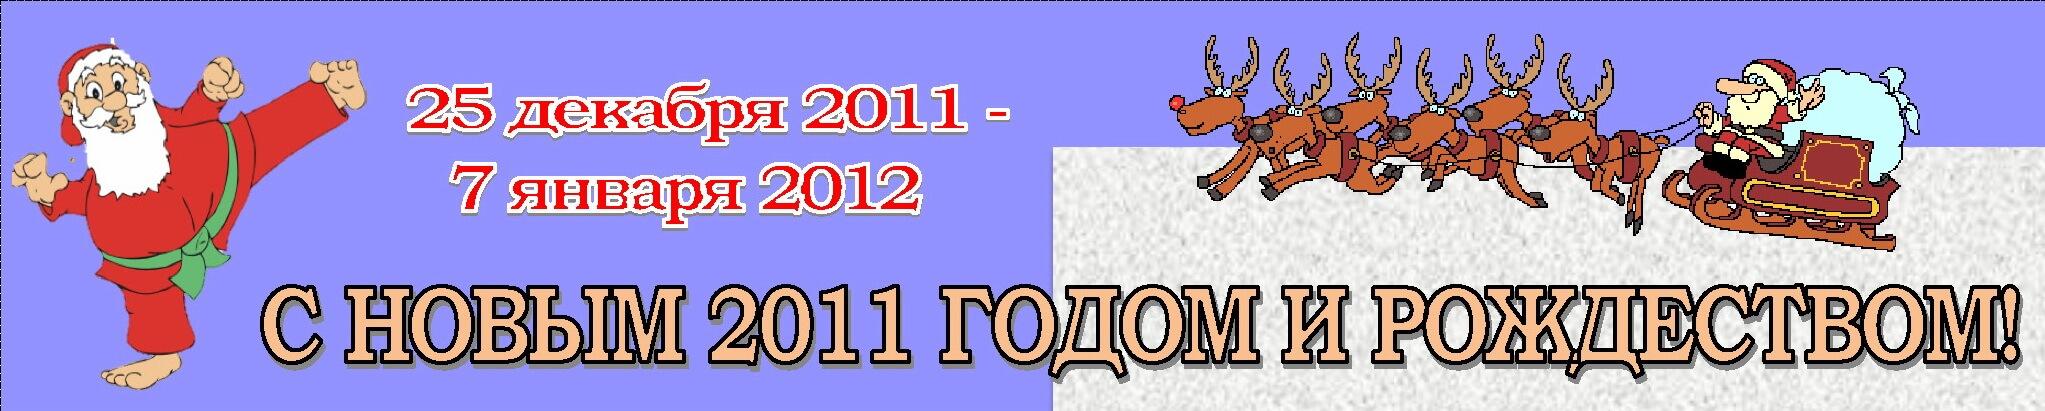 Новый год-2011 Баннер